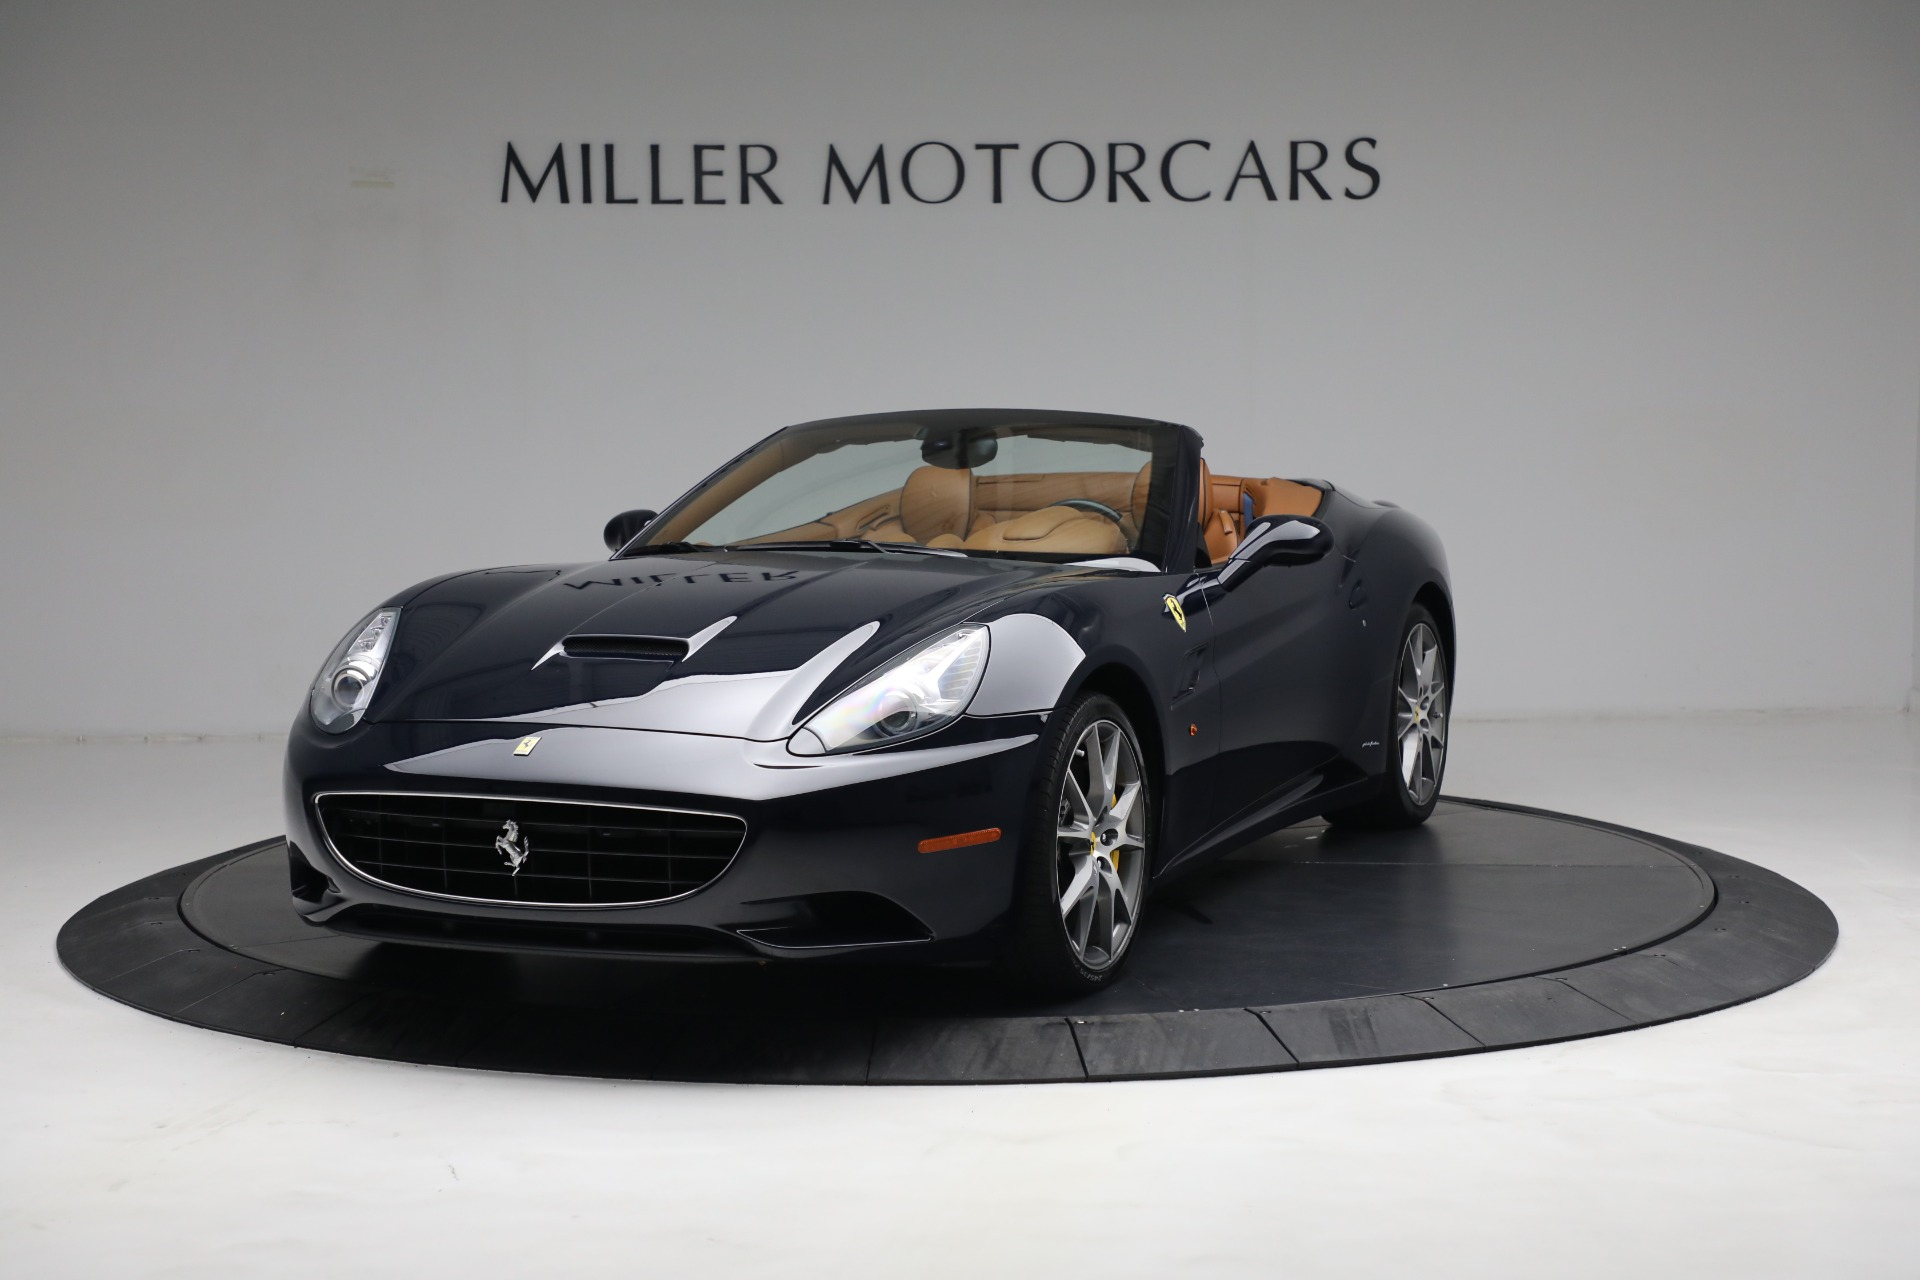 Used 2010 Ferrari California for sale Call for price at Maserati of Westport in Westport CT 06880 1